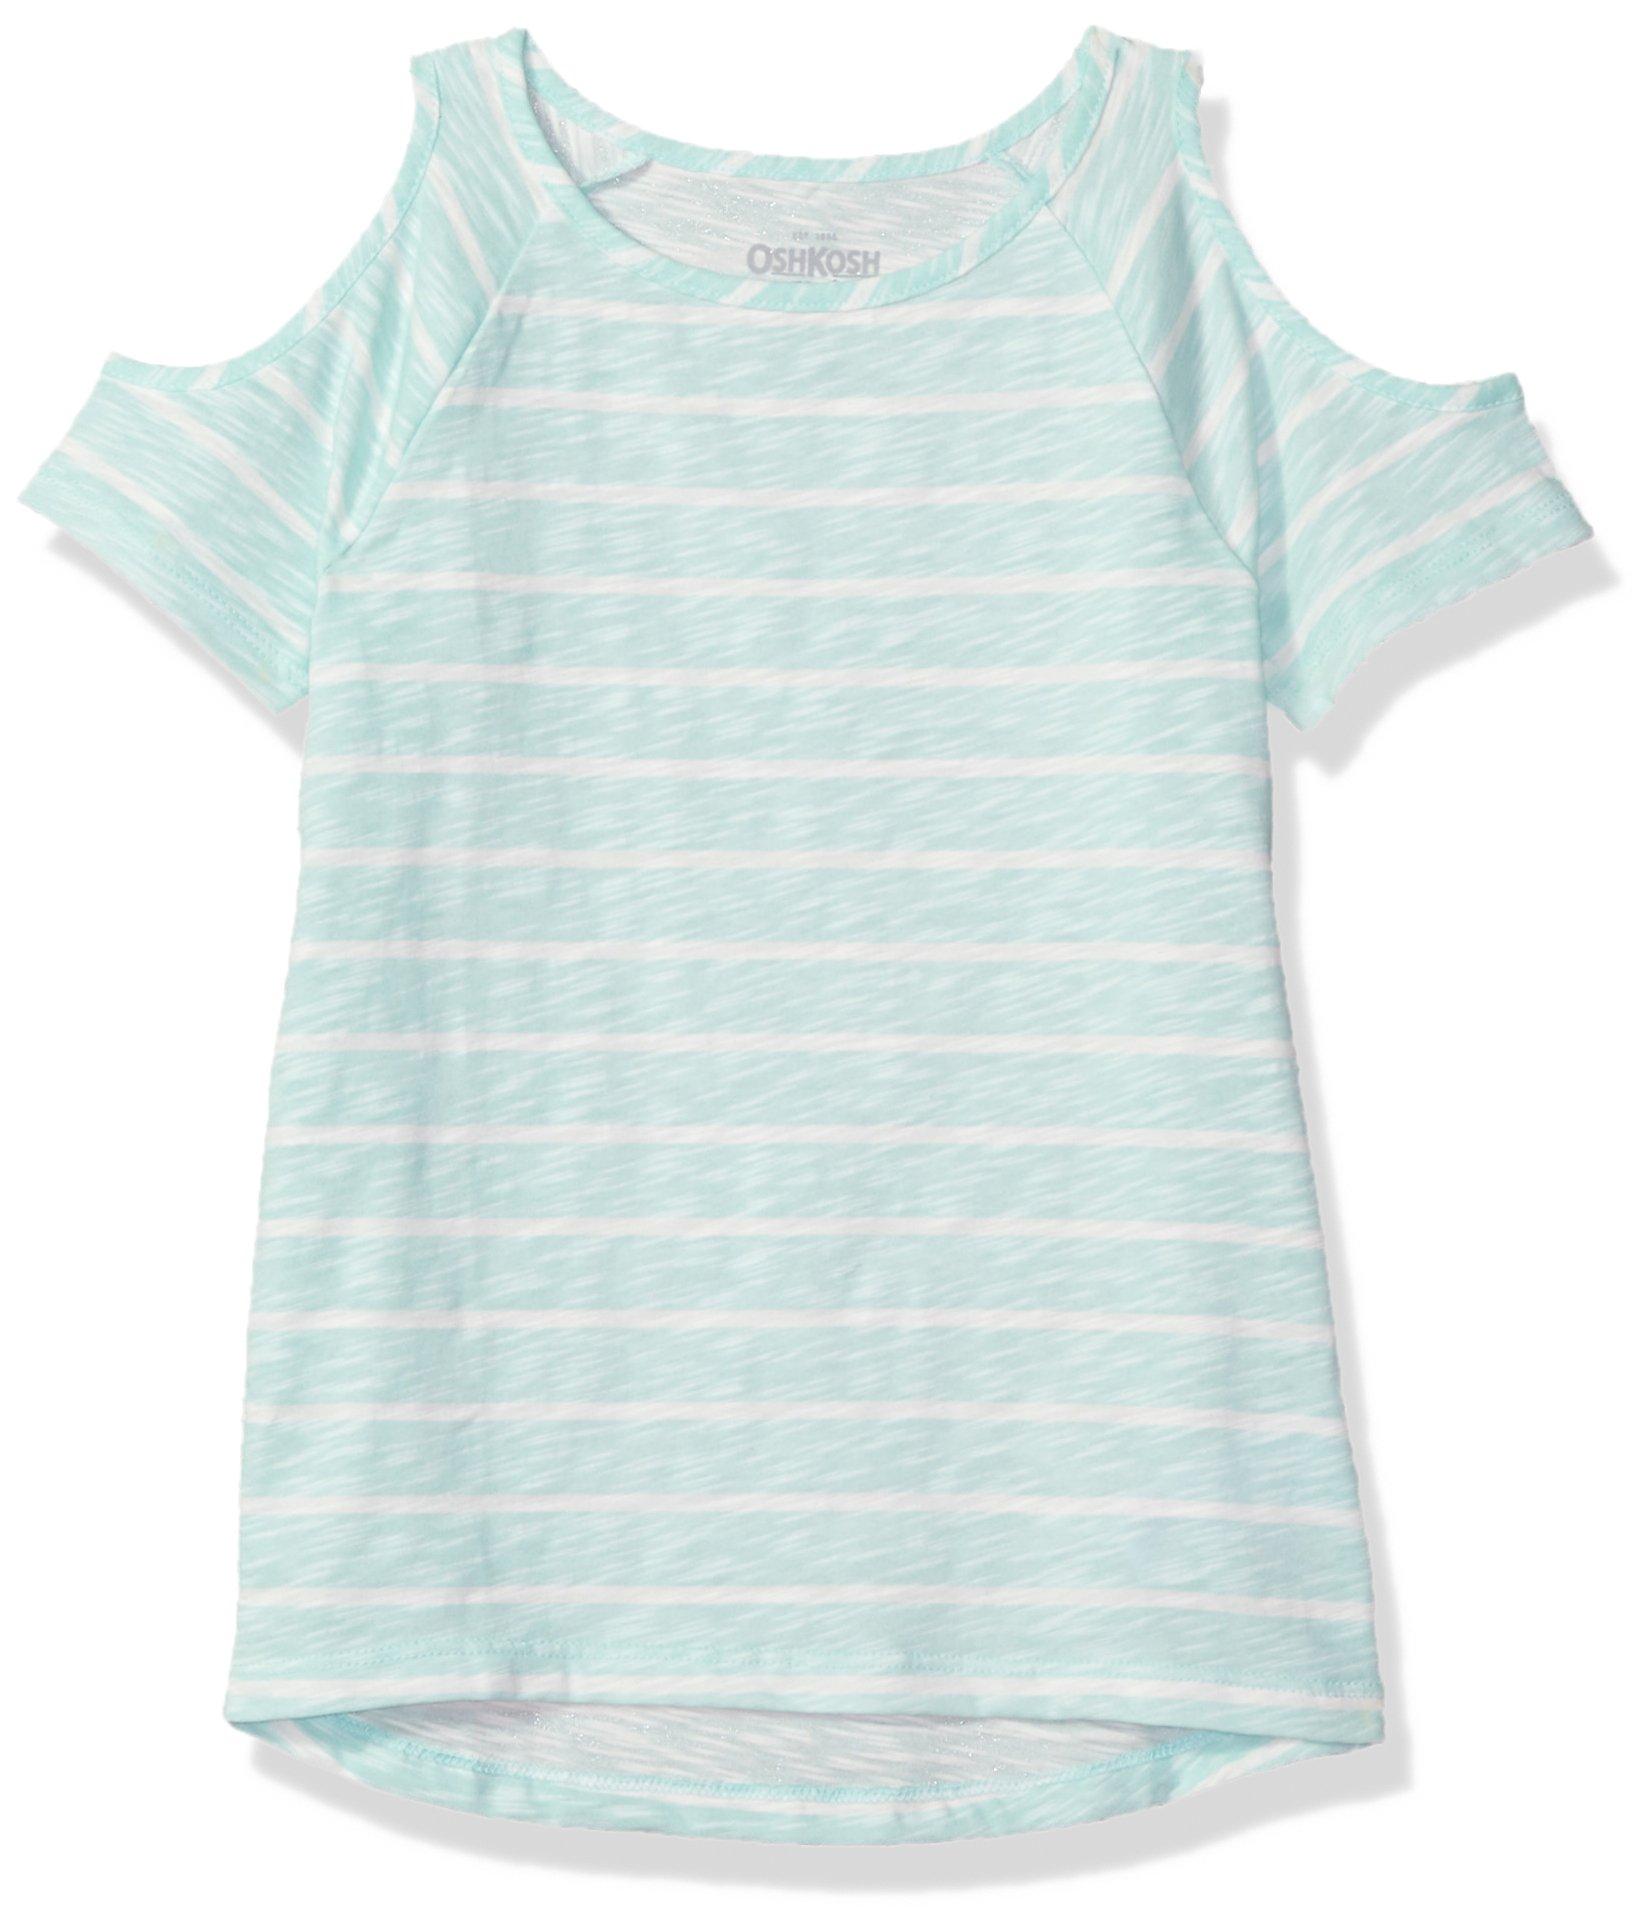 Osh Kosh Girls' Kids Fashion Tops, Aqua Stripe, 7